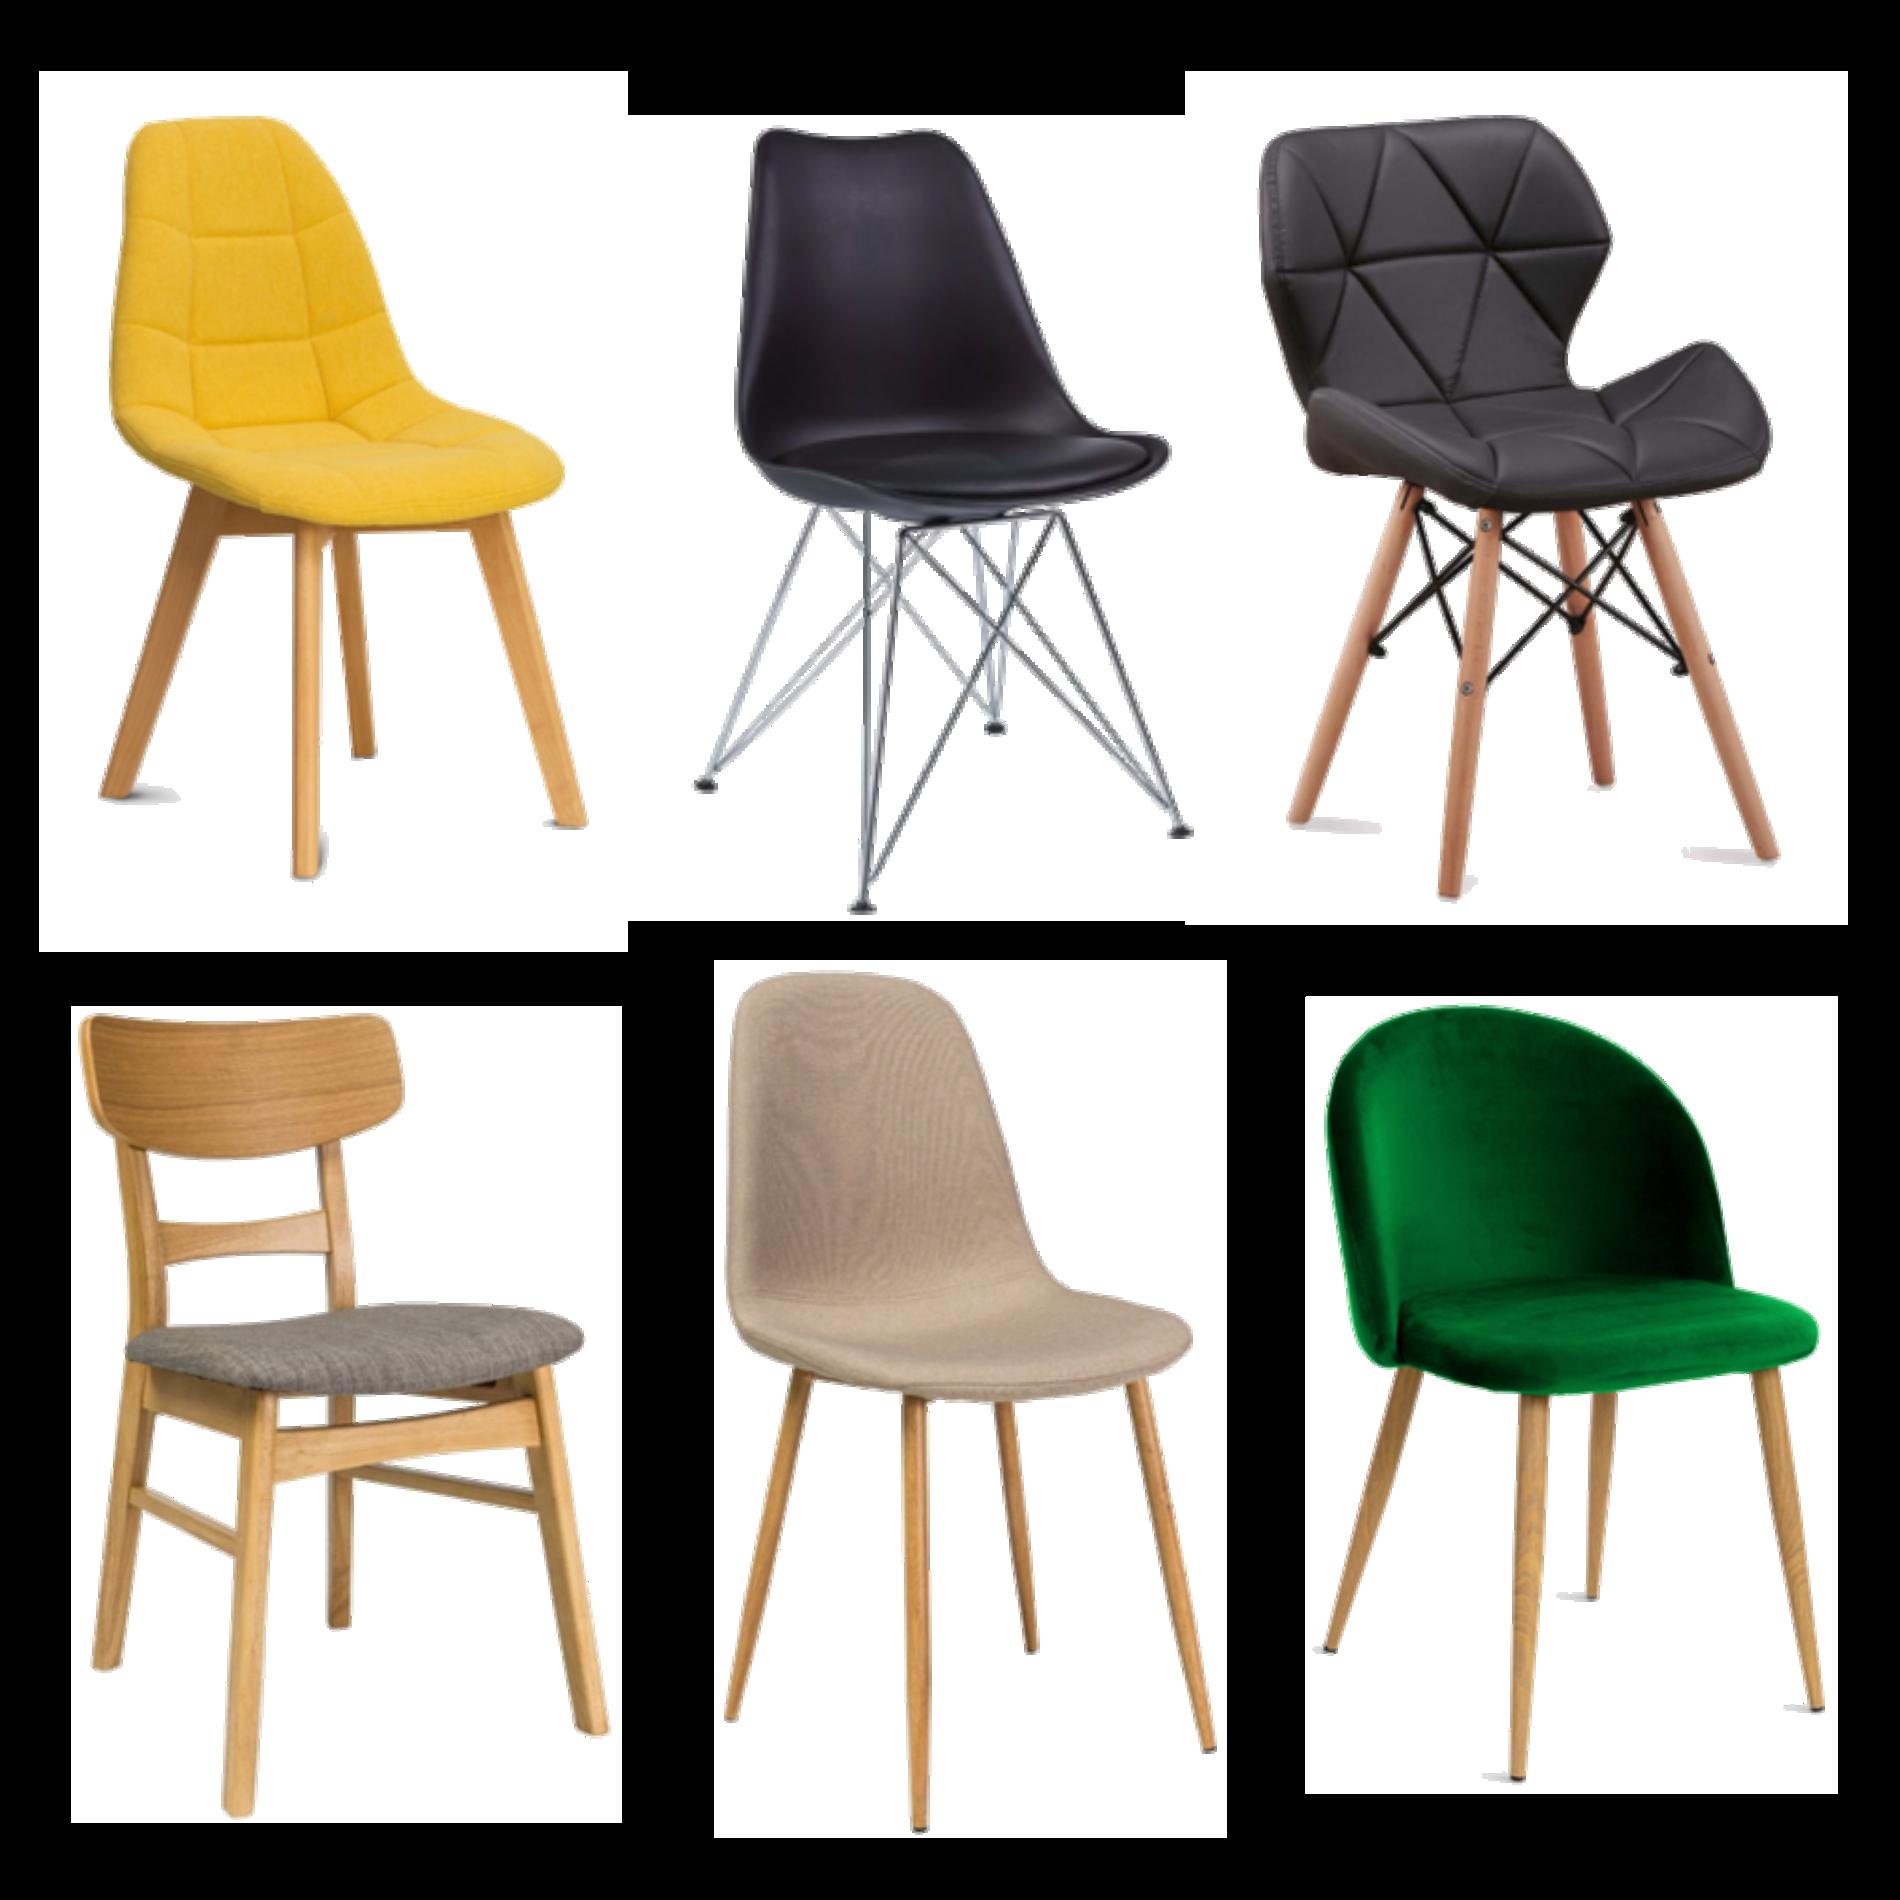 szybka metamorfoza salonu krzesła inspiracje